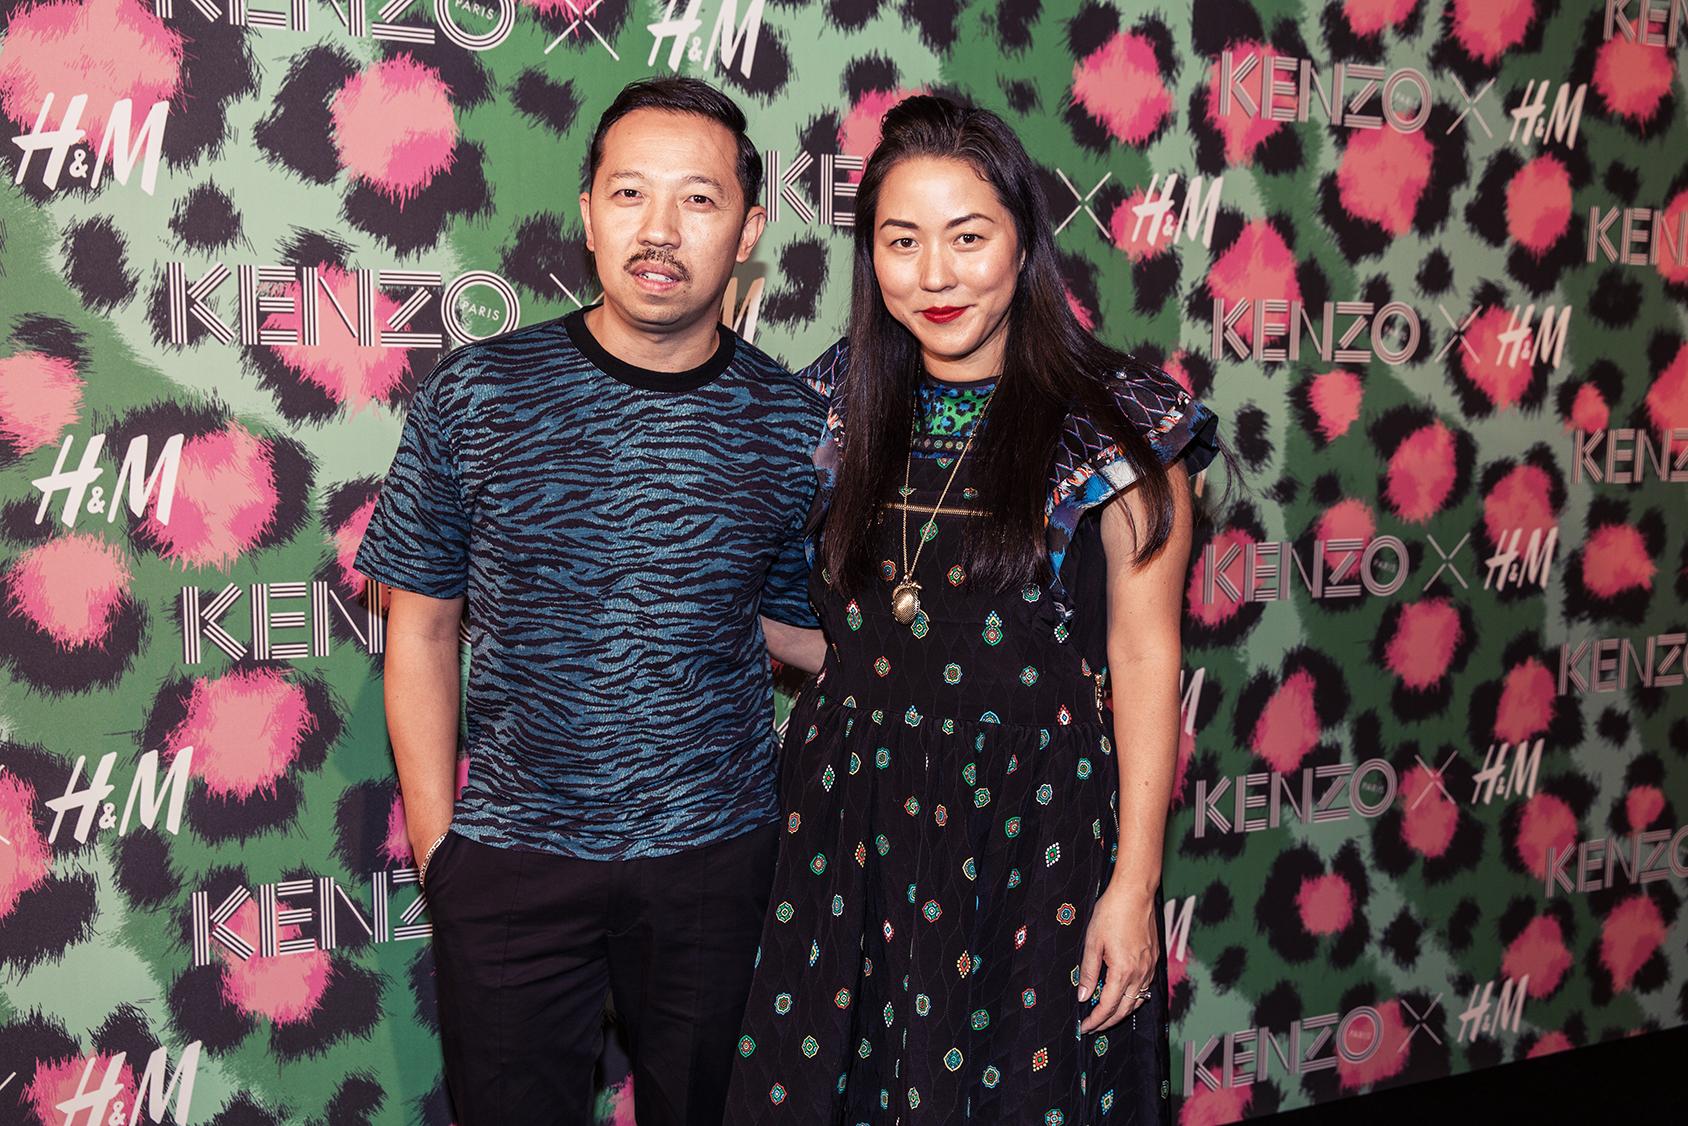 Los Directores Creativos de Kenzo, Carol Lim y Humberto Leon, en la alfombra roja en el evento Kenzo x H&M.